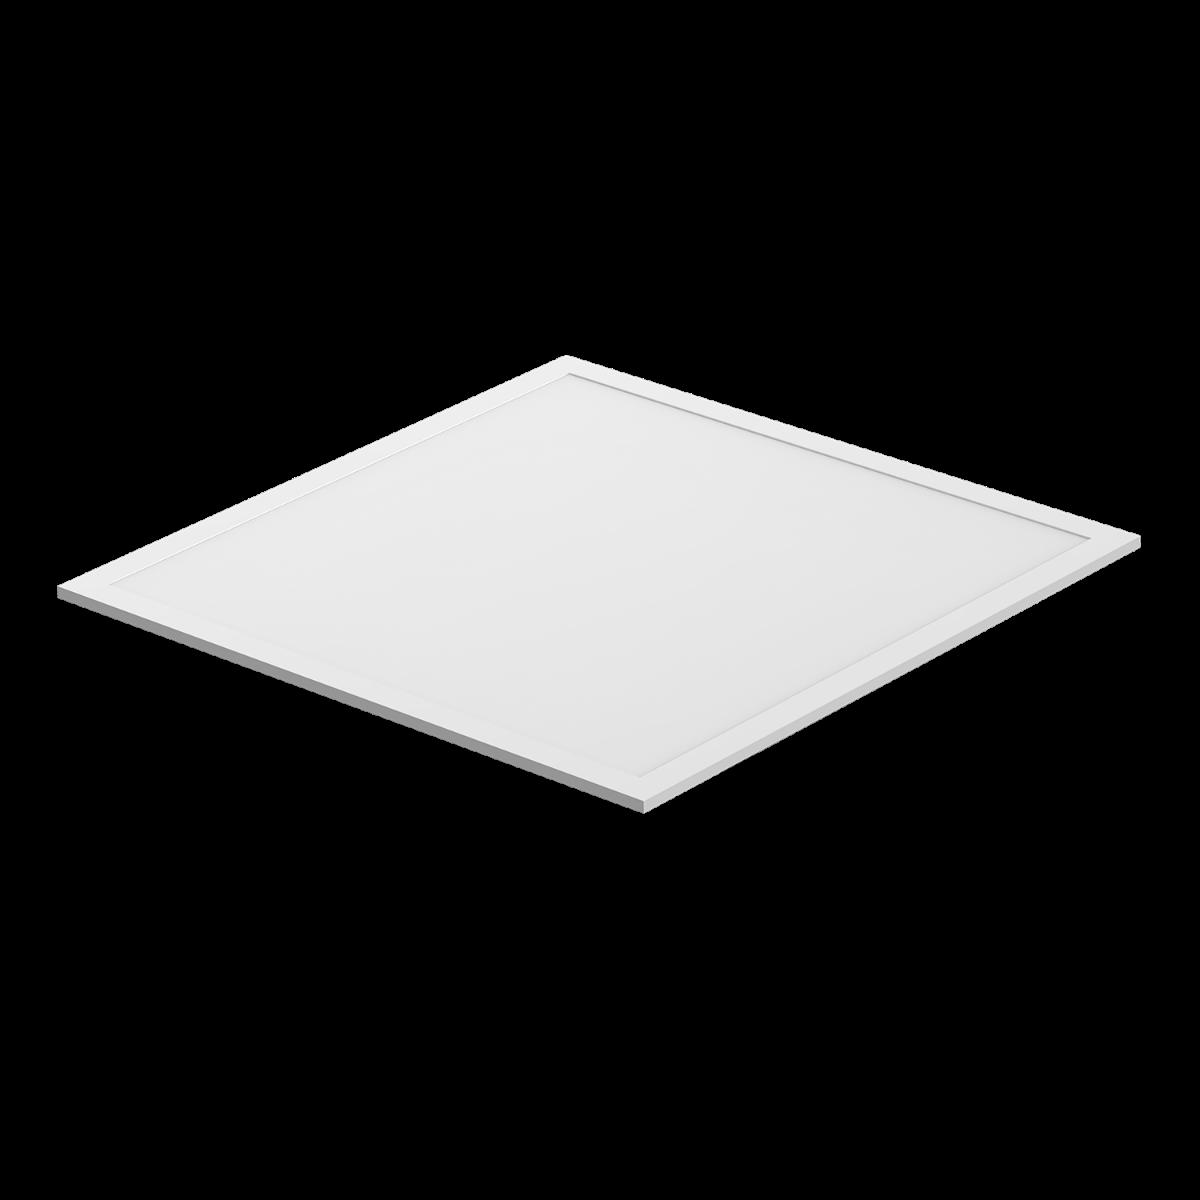 Noxion LED Panel Econox 32W Xitanium DALI 60x60cm 6500K 4400lm UGR <22   Dali Dimmbar - Tageslichtweiß - Ersatz für 4x18W